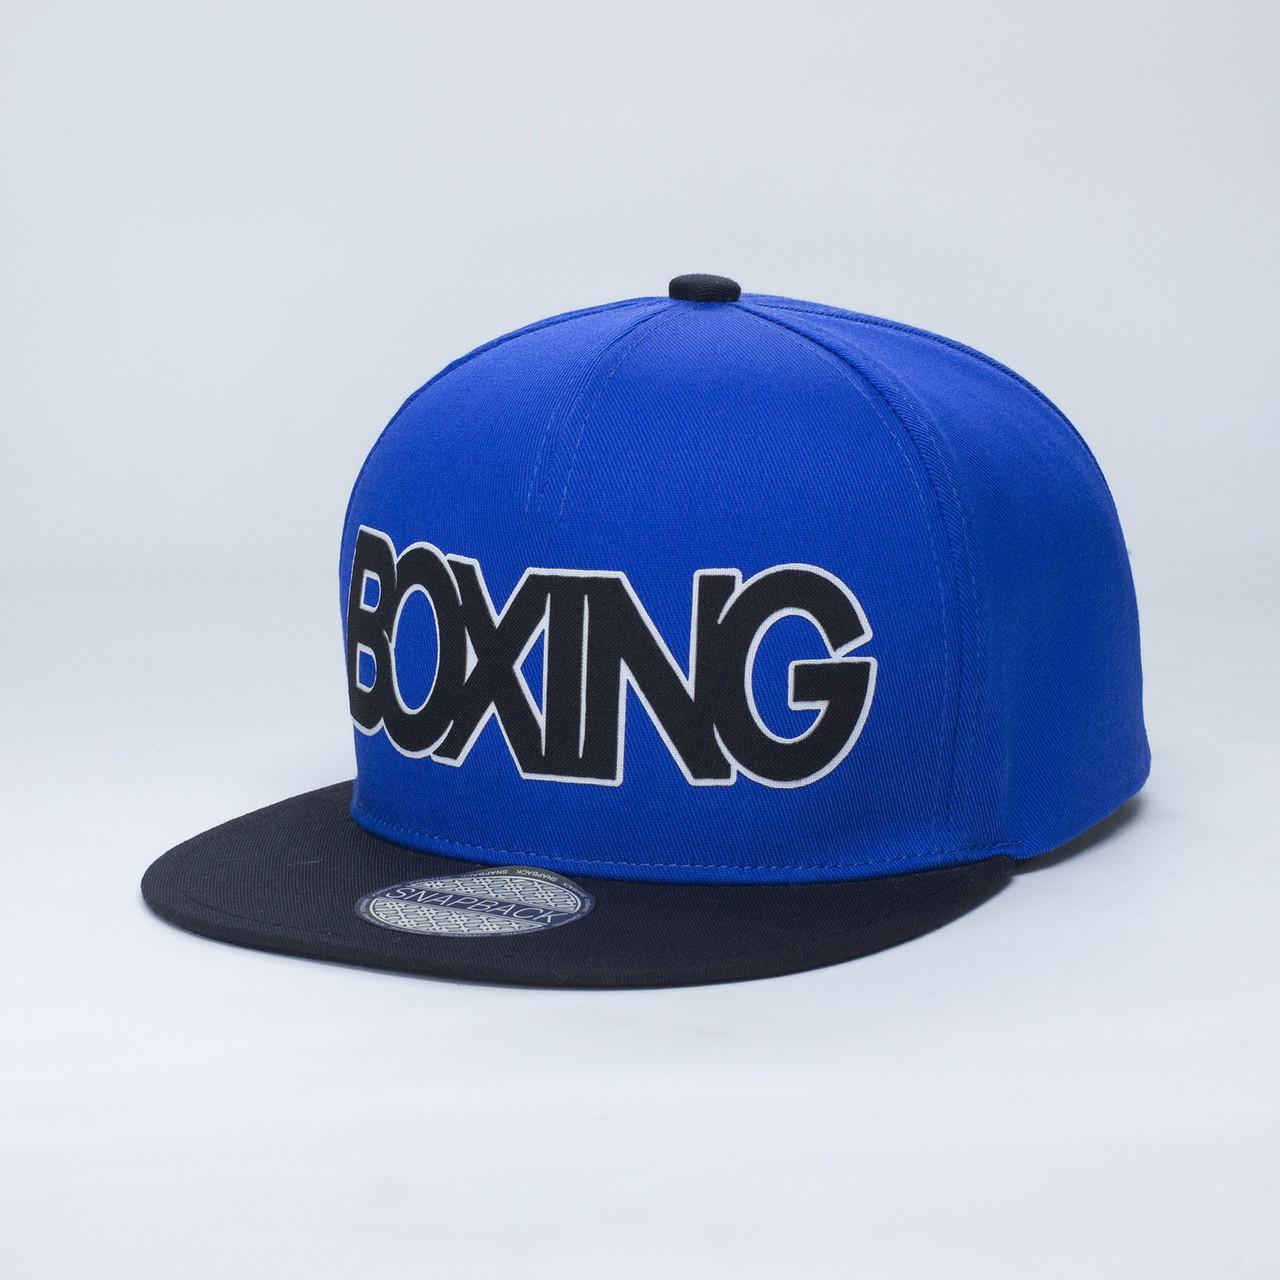 Детская кепка бейсболка для мальчика 3-16 лет INAL boxing XS / 51-52 RU Cиний 59951